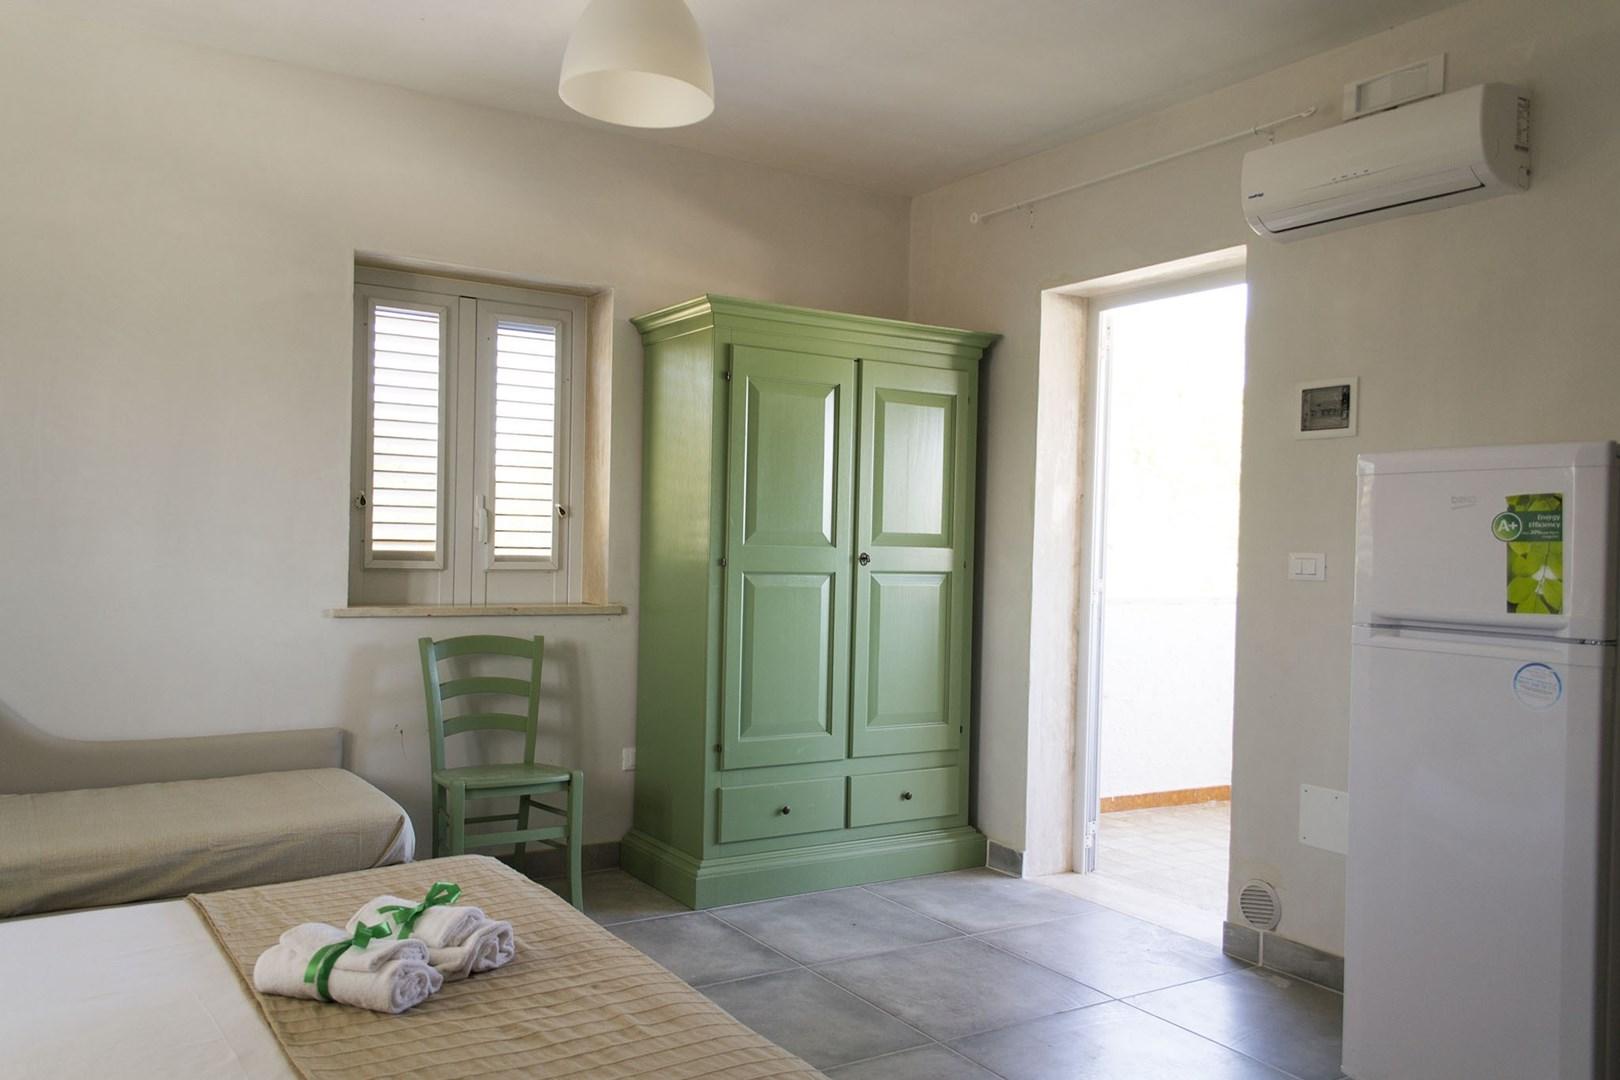 506_villa-le-ginestre_le_ginestre_monolocale_4_interno_4.jpg